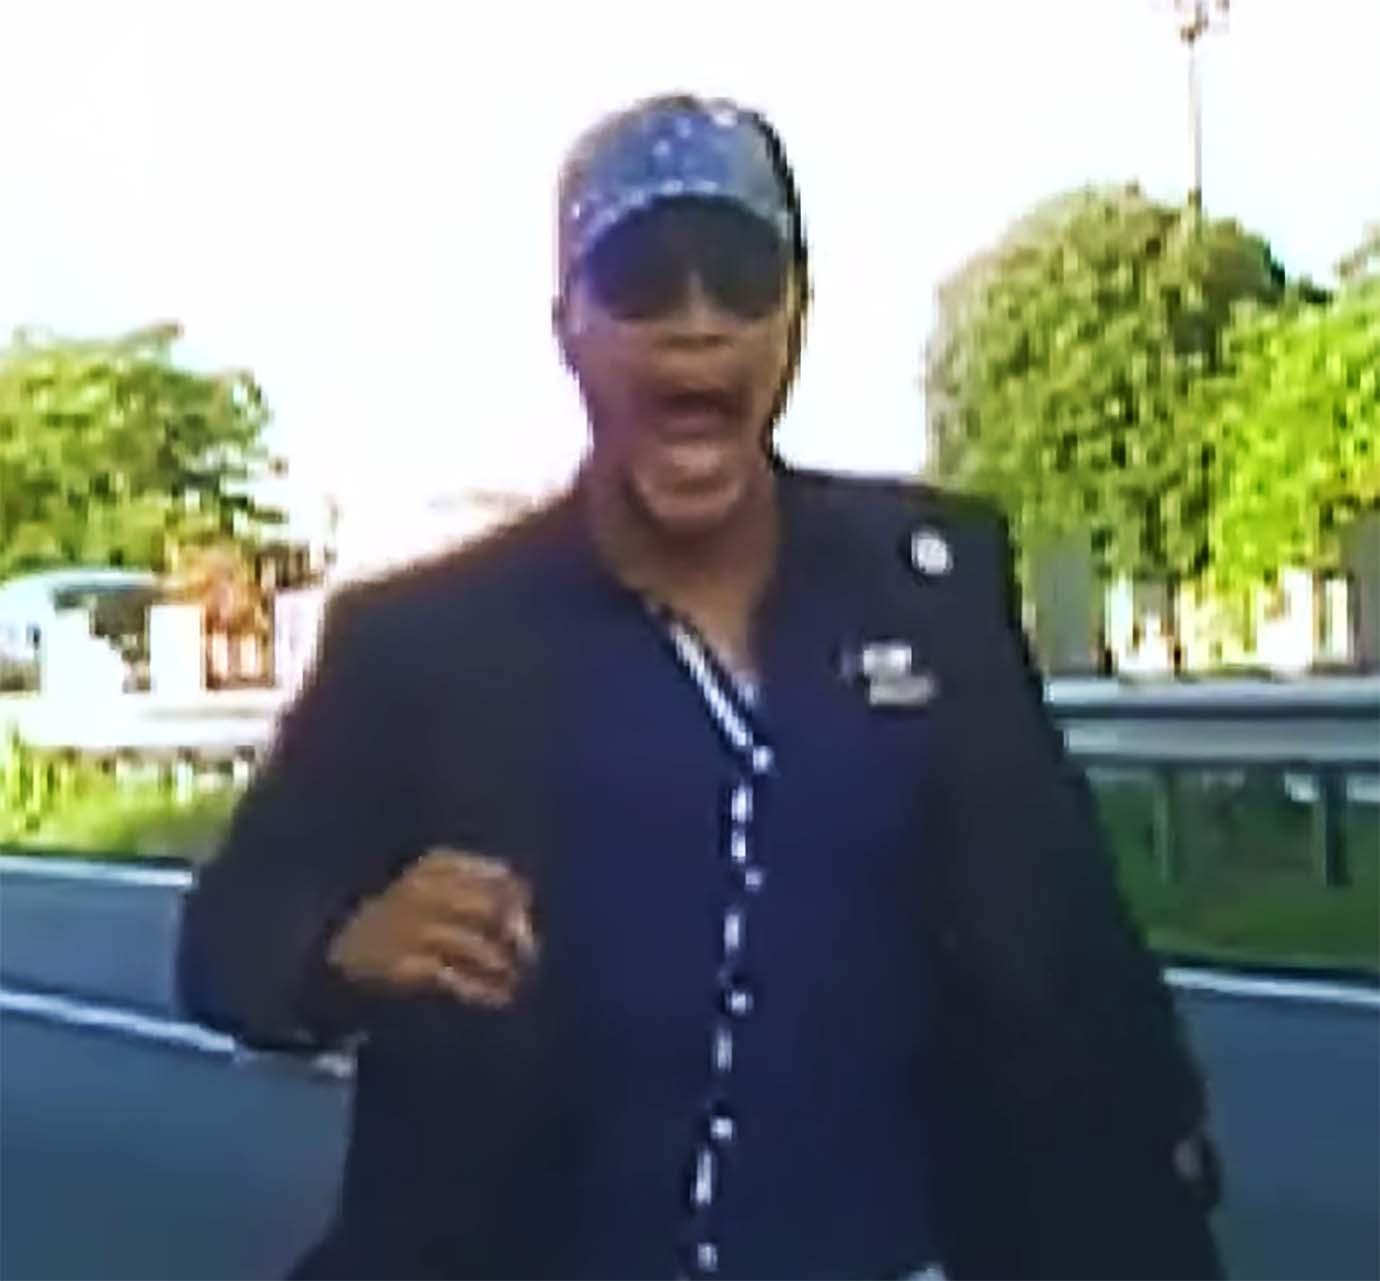 炎上】あおり運転逮捕の宮崎文夫容疑者のインスタグラム判明で大